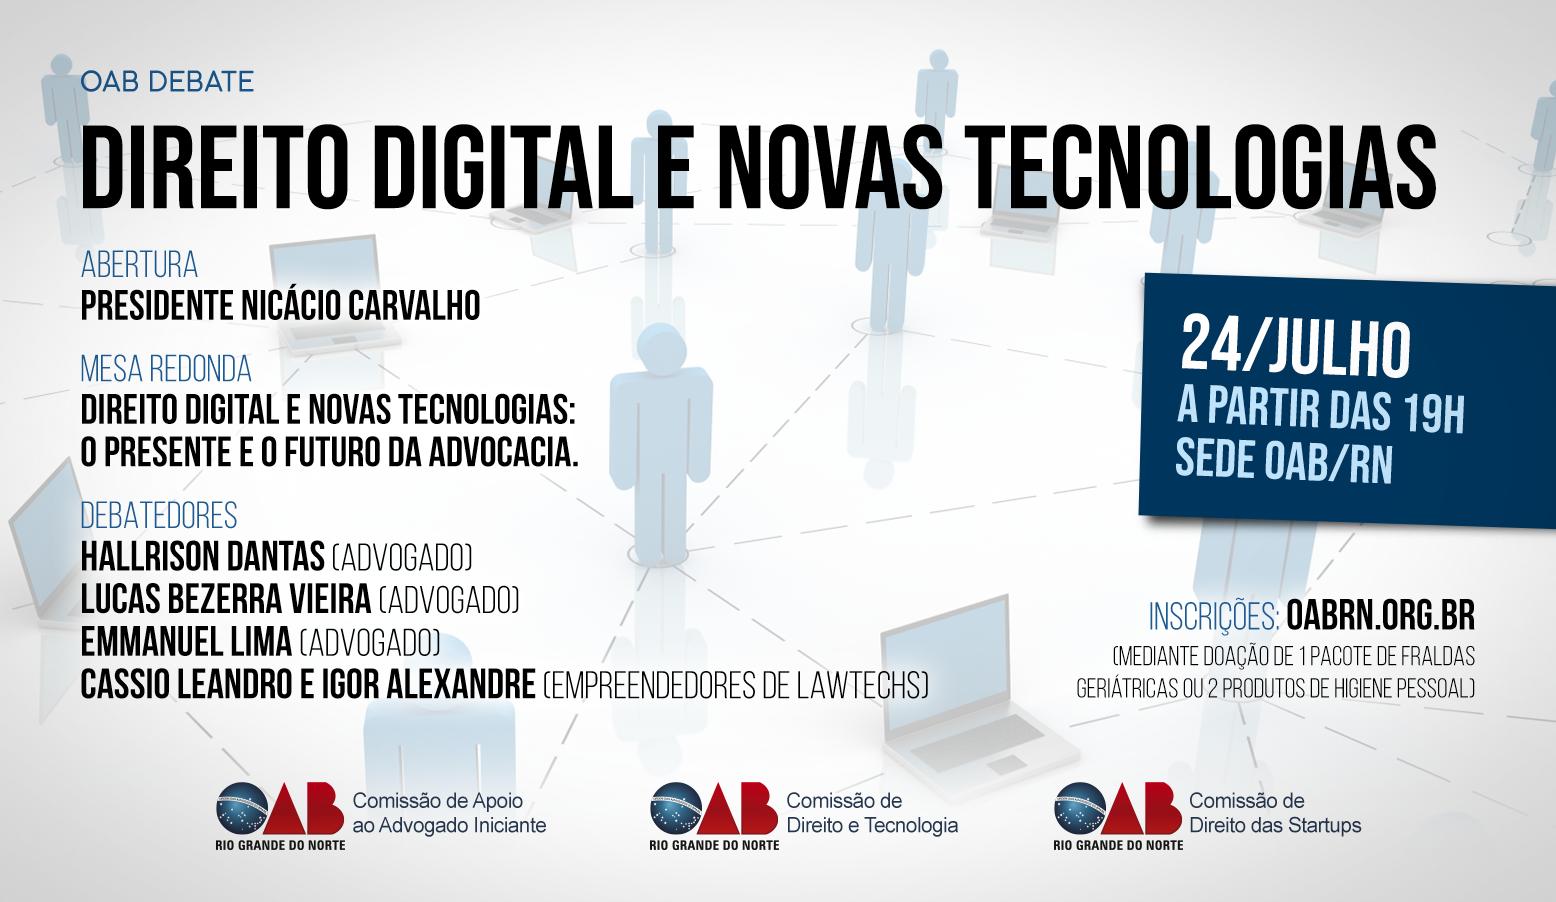 Inscrições abertas para OAB Debate Direito Digital e Novas Tecnologias